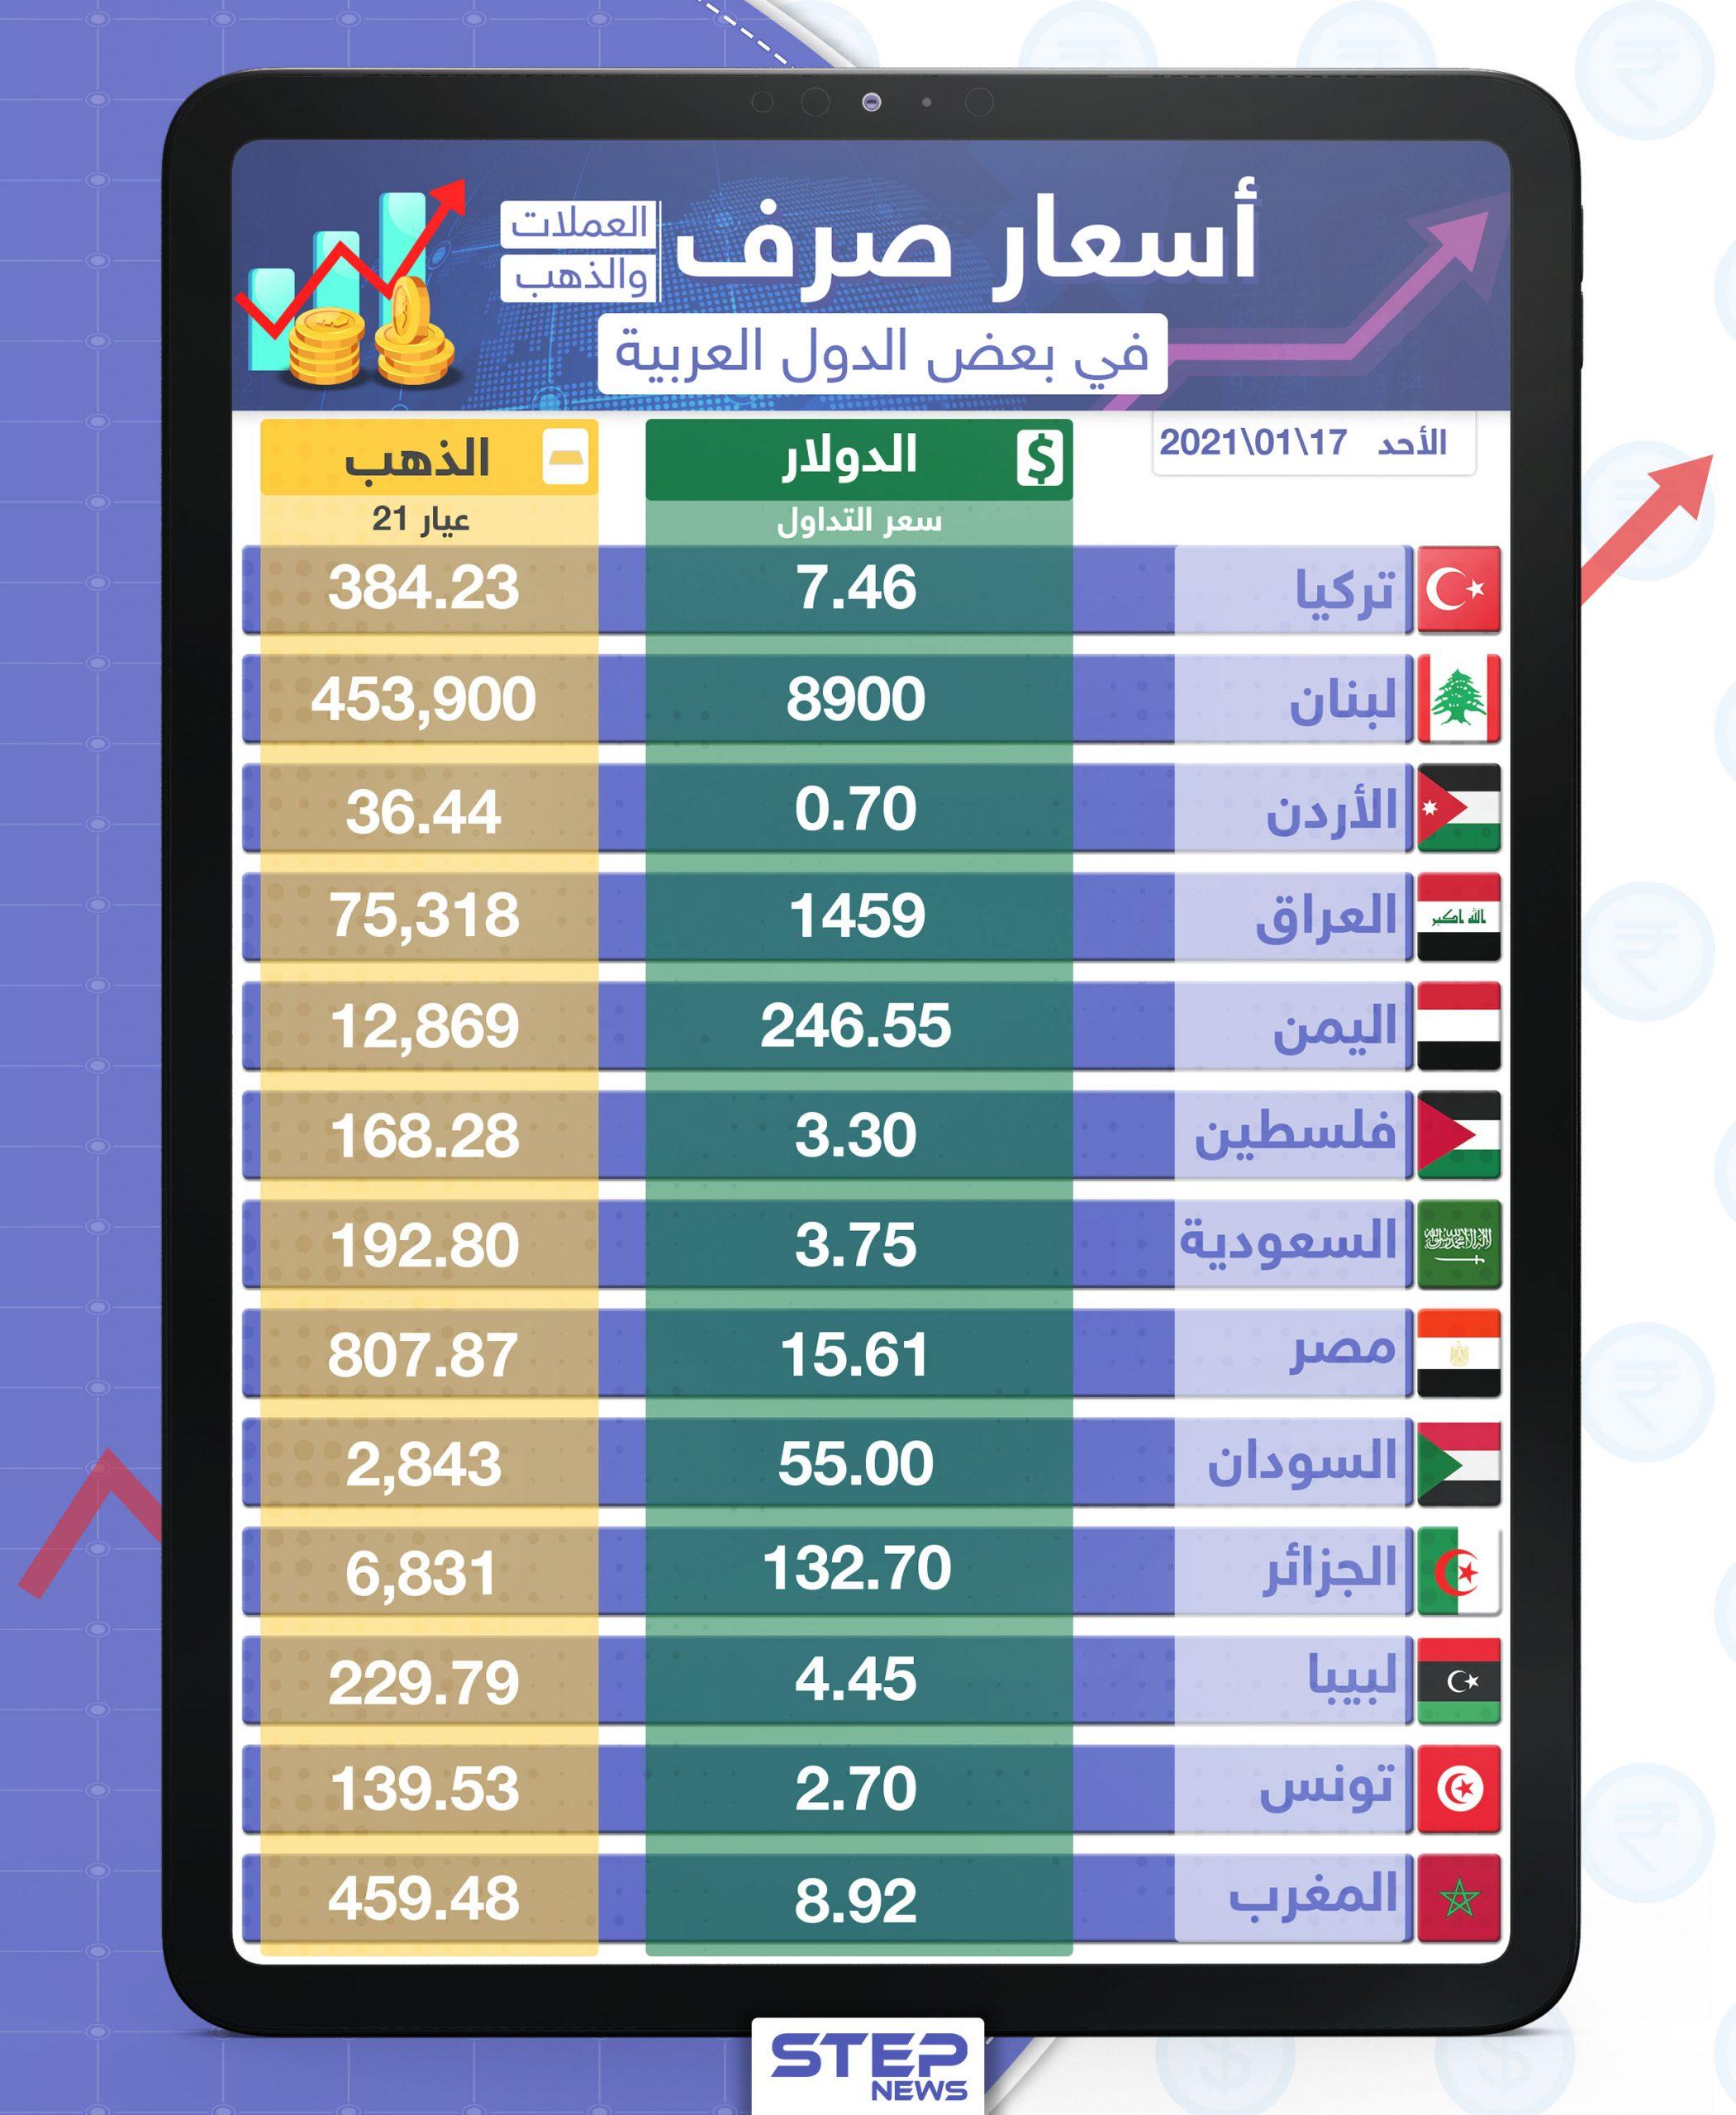 أسعار الذهب والعملات للدول العربية وتركيا اليوم الأحد الموافق 17 كانون الثاني 2021